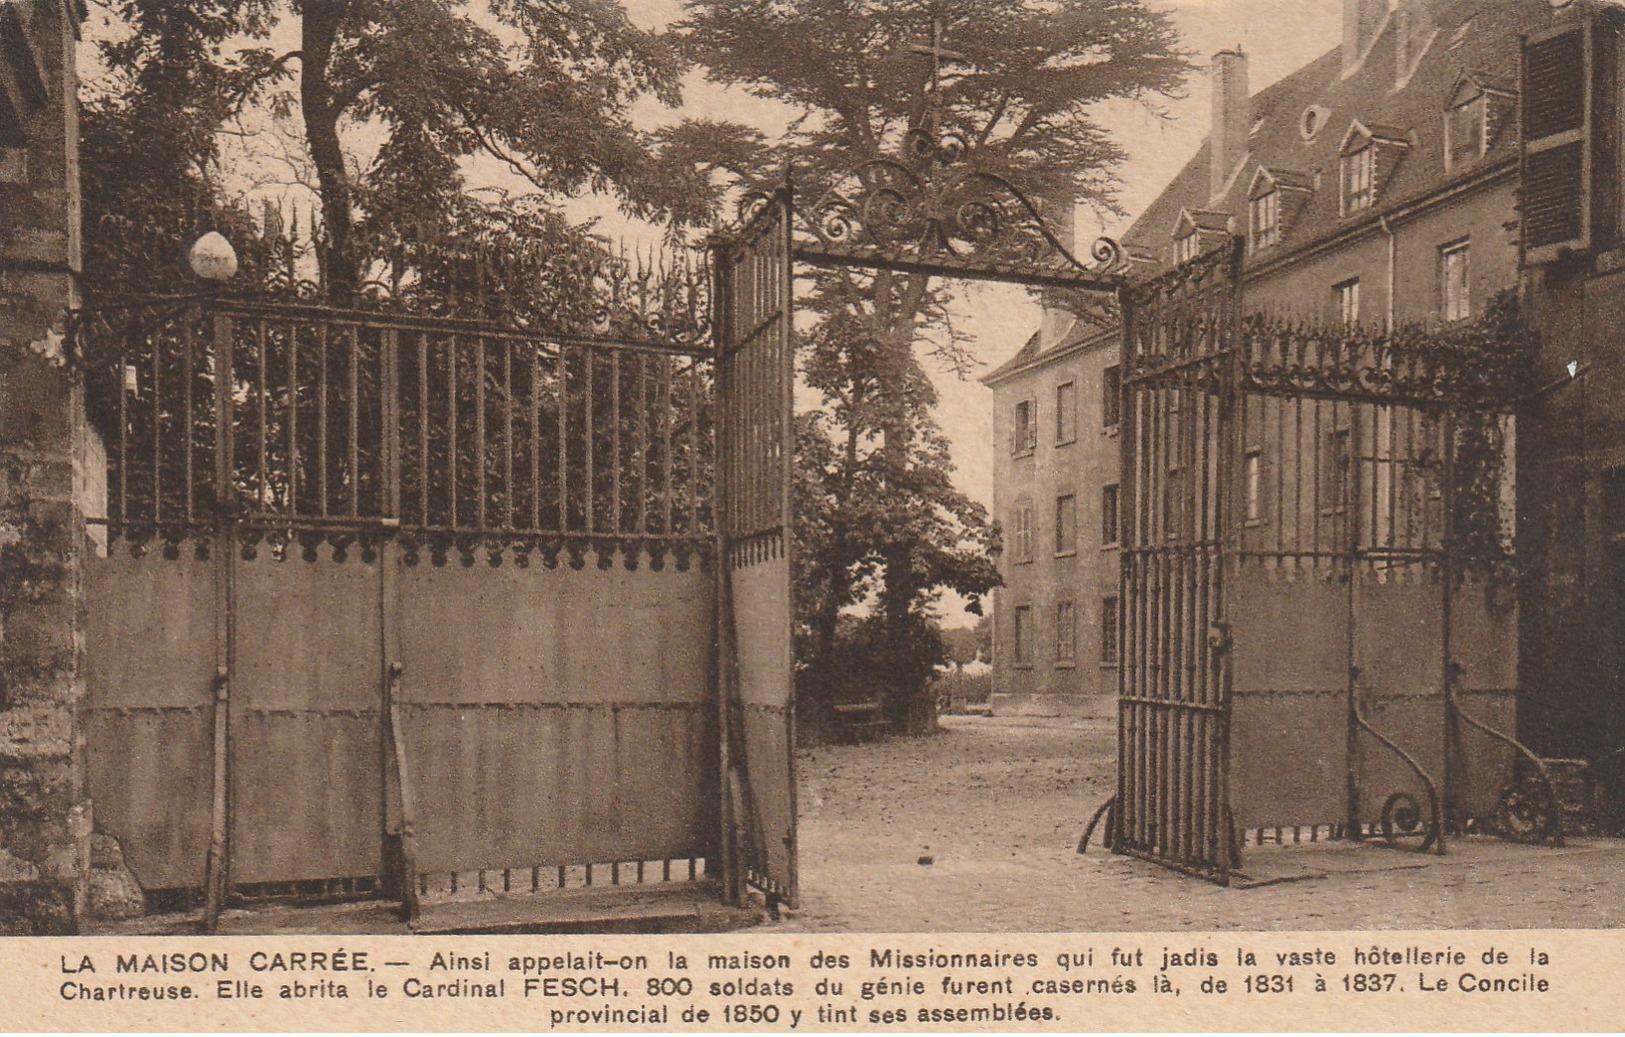 10-3------dijon----maison Carree Ainsi Appelait On La Maison Des Missionnaires Vaste Hostellerie De La Chartreuse - Dijon